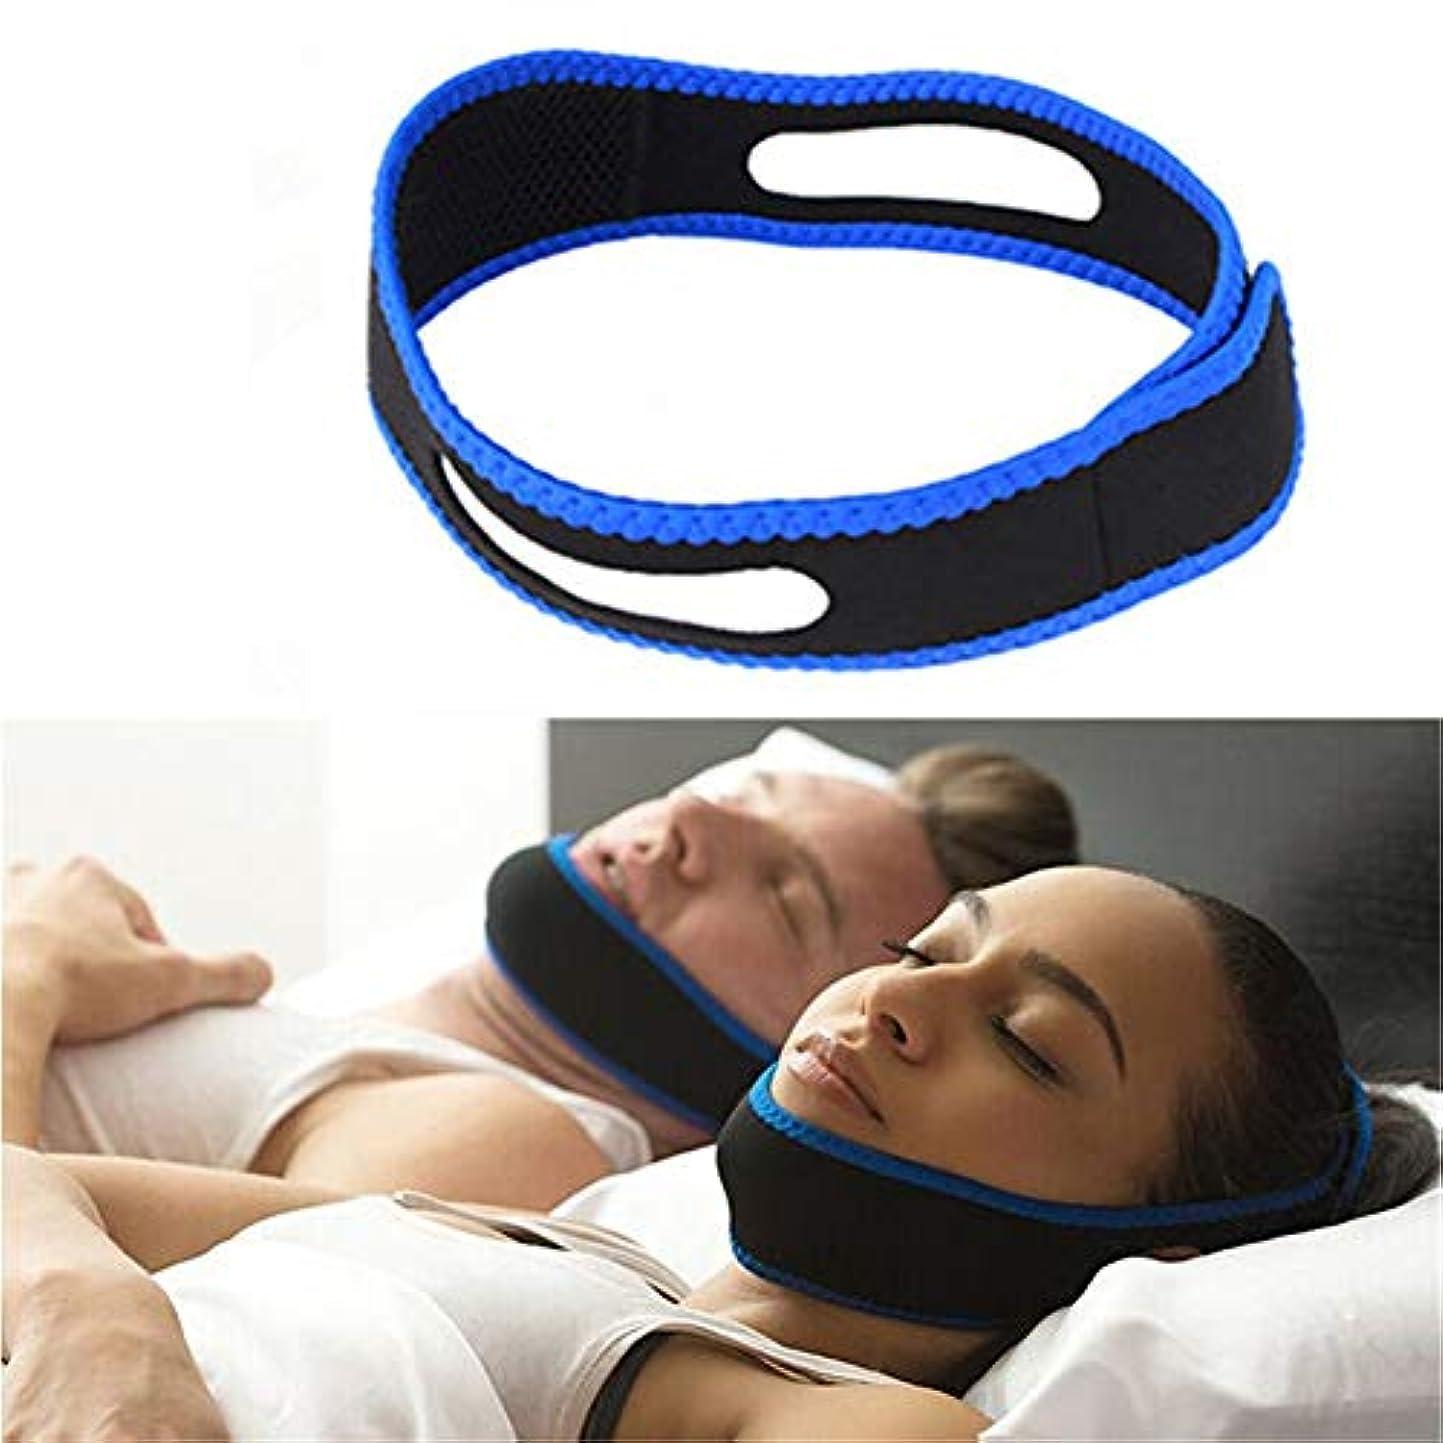 の前でエッセイ創始者Angzhili いびき軽減グッズ いびき防止装置 いびき対策グッズ 睡眠補助 快眠サポーター 肌に優しい サイズ調整可能 男女兼用